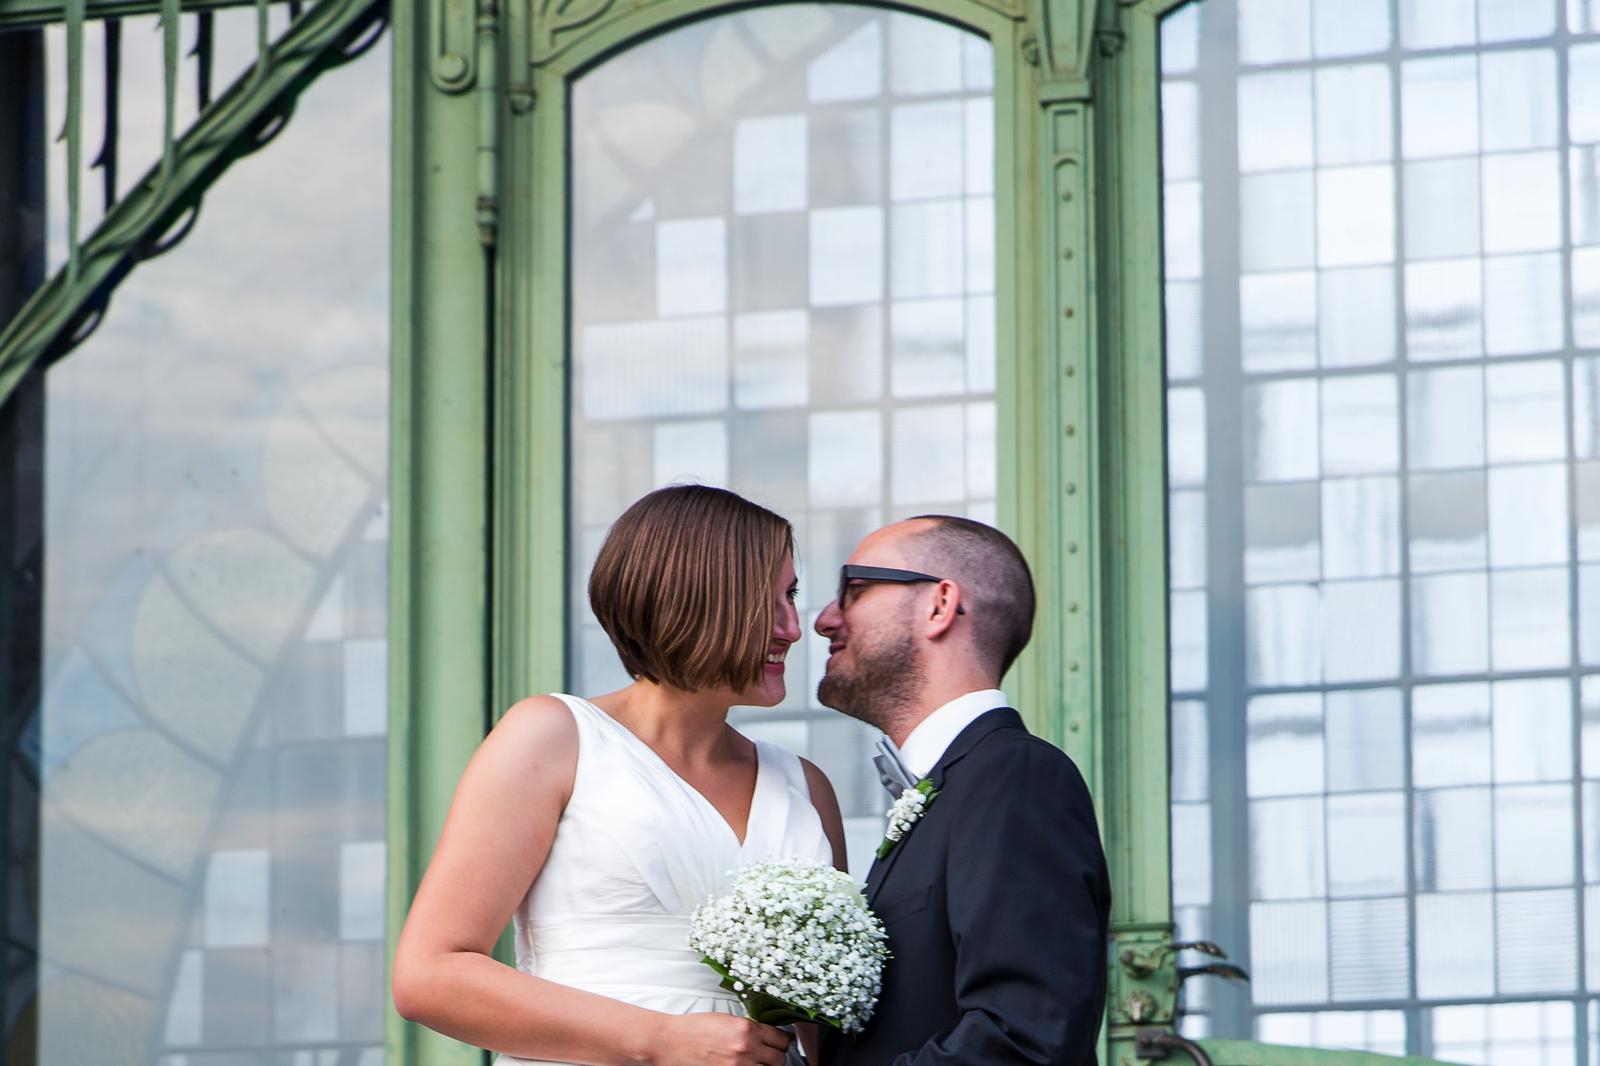 Monstergraphie_Hochzeitsreportage_Dortmund_Zeche_Zollern20.jpg?fit=1600%2C1066